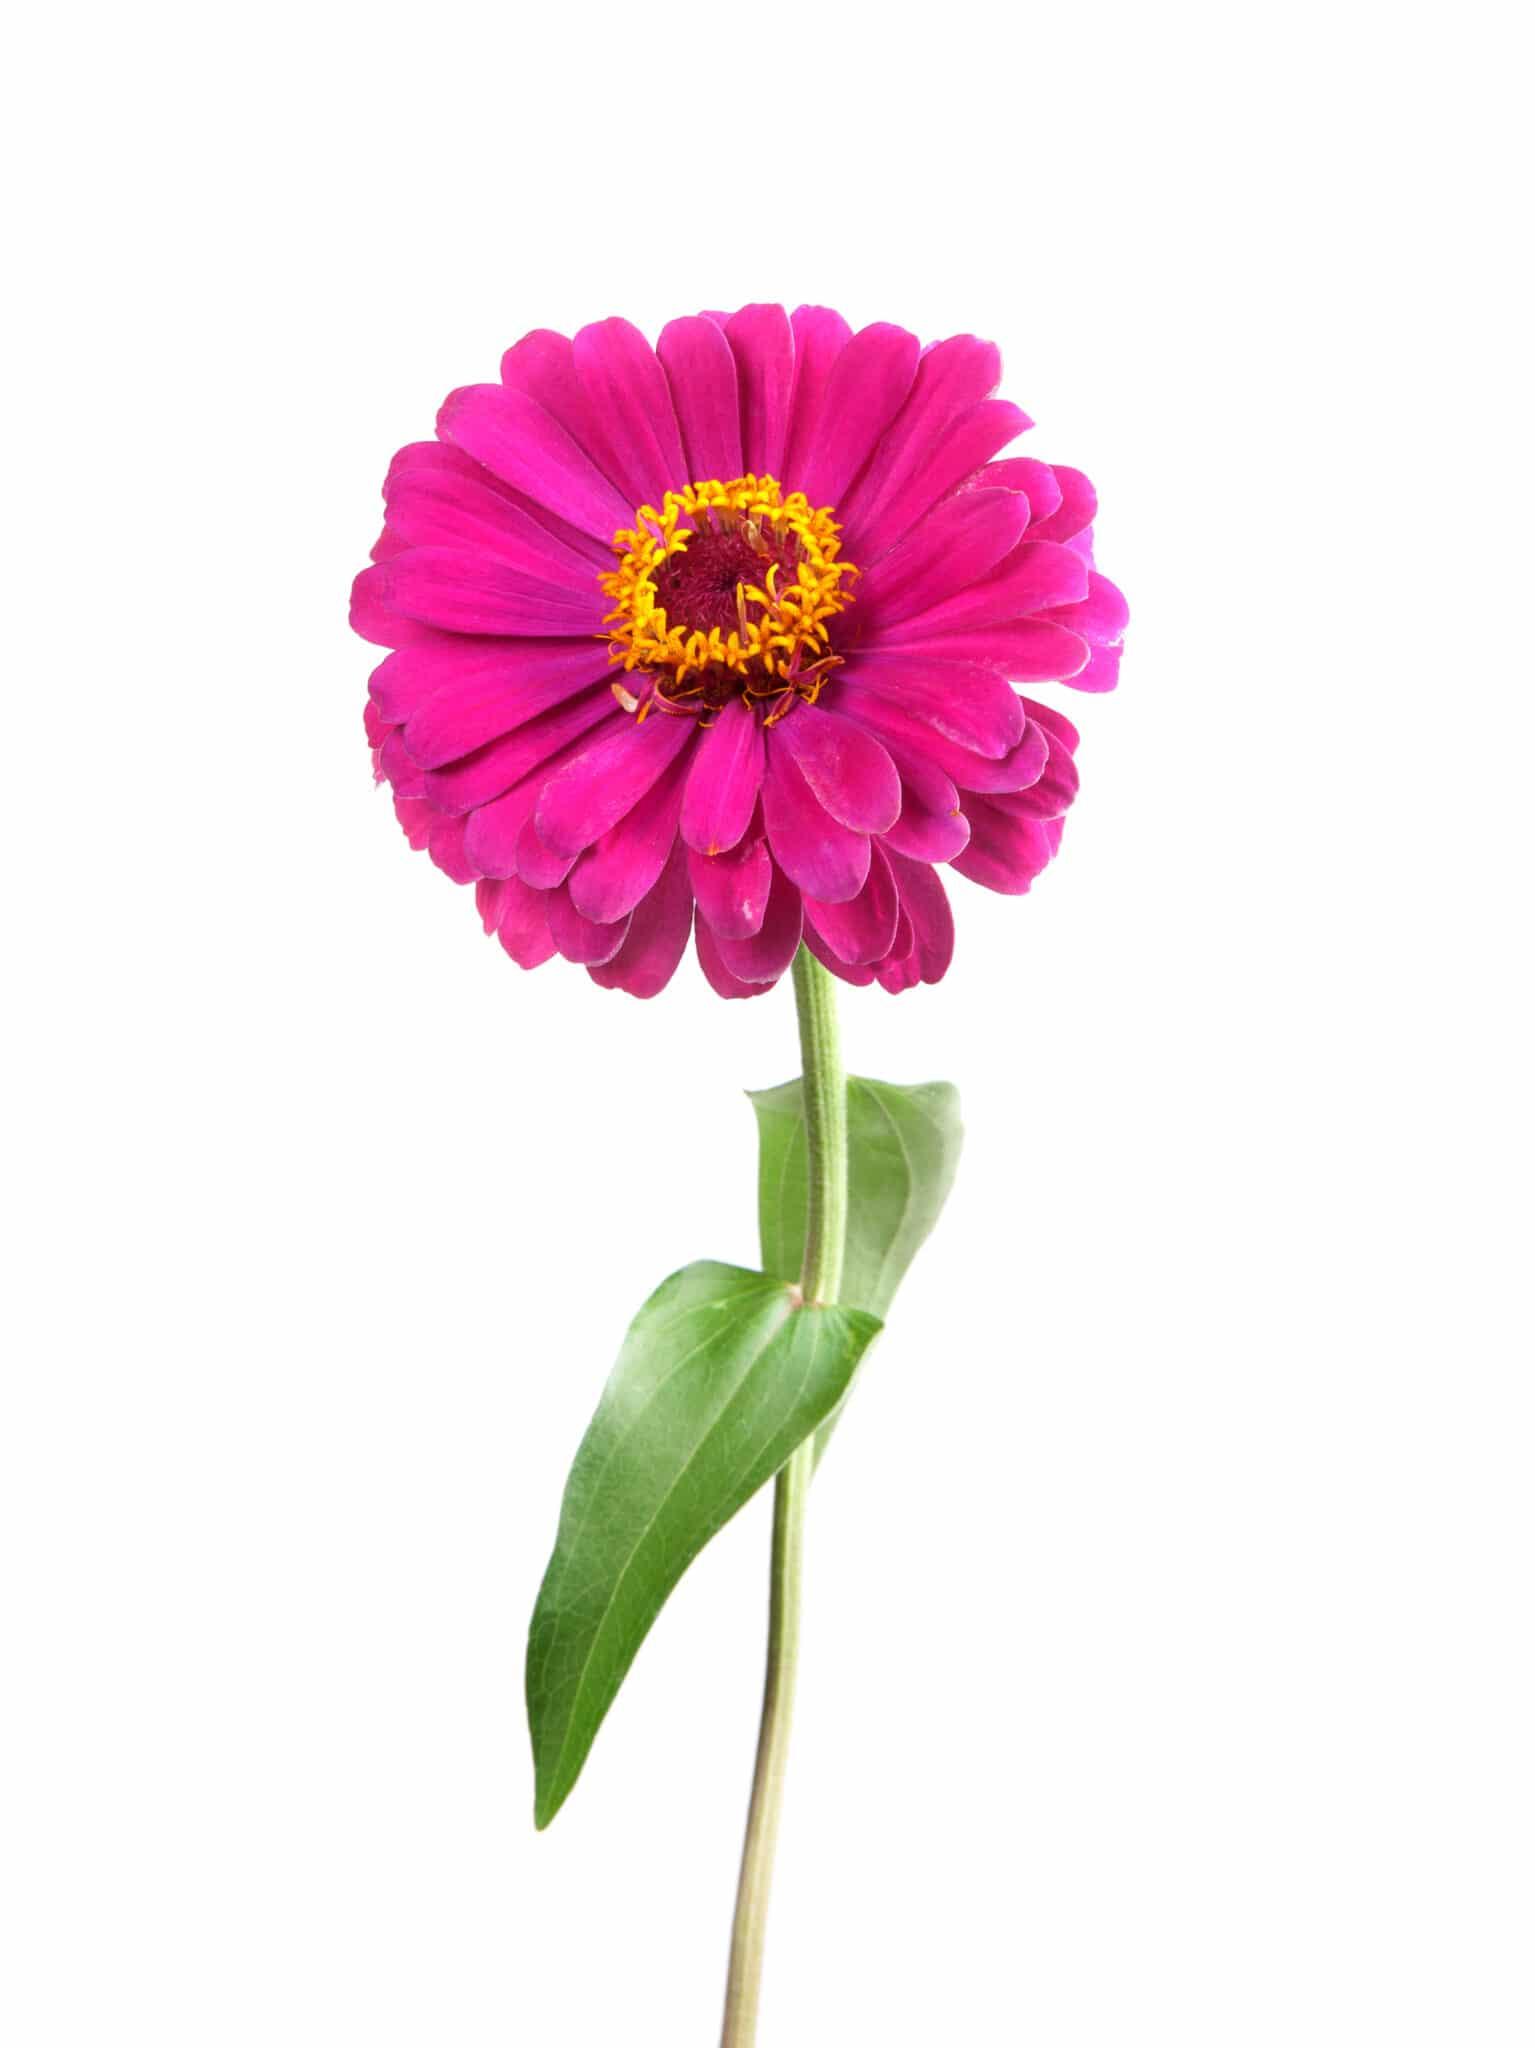 Eine rosa Zinnea-Blume am Stiel.